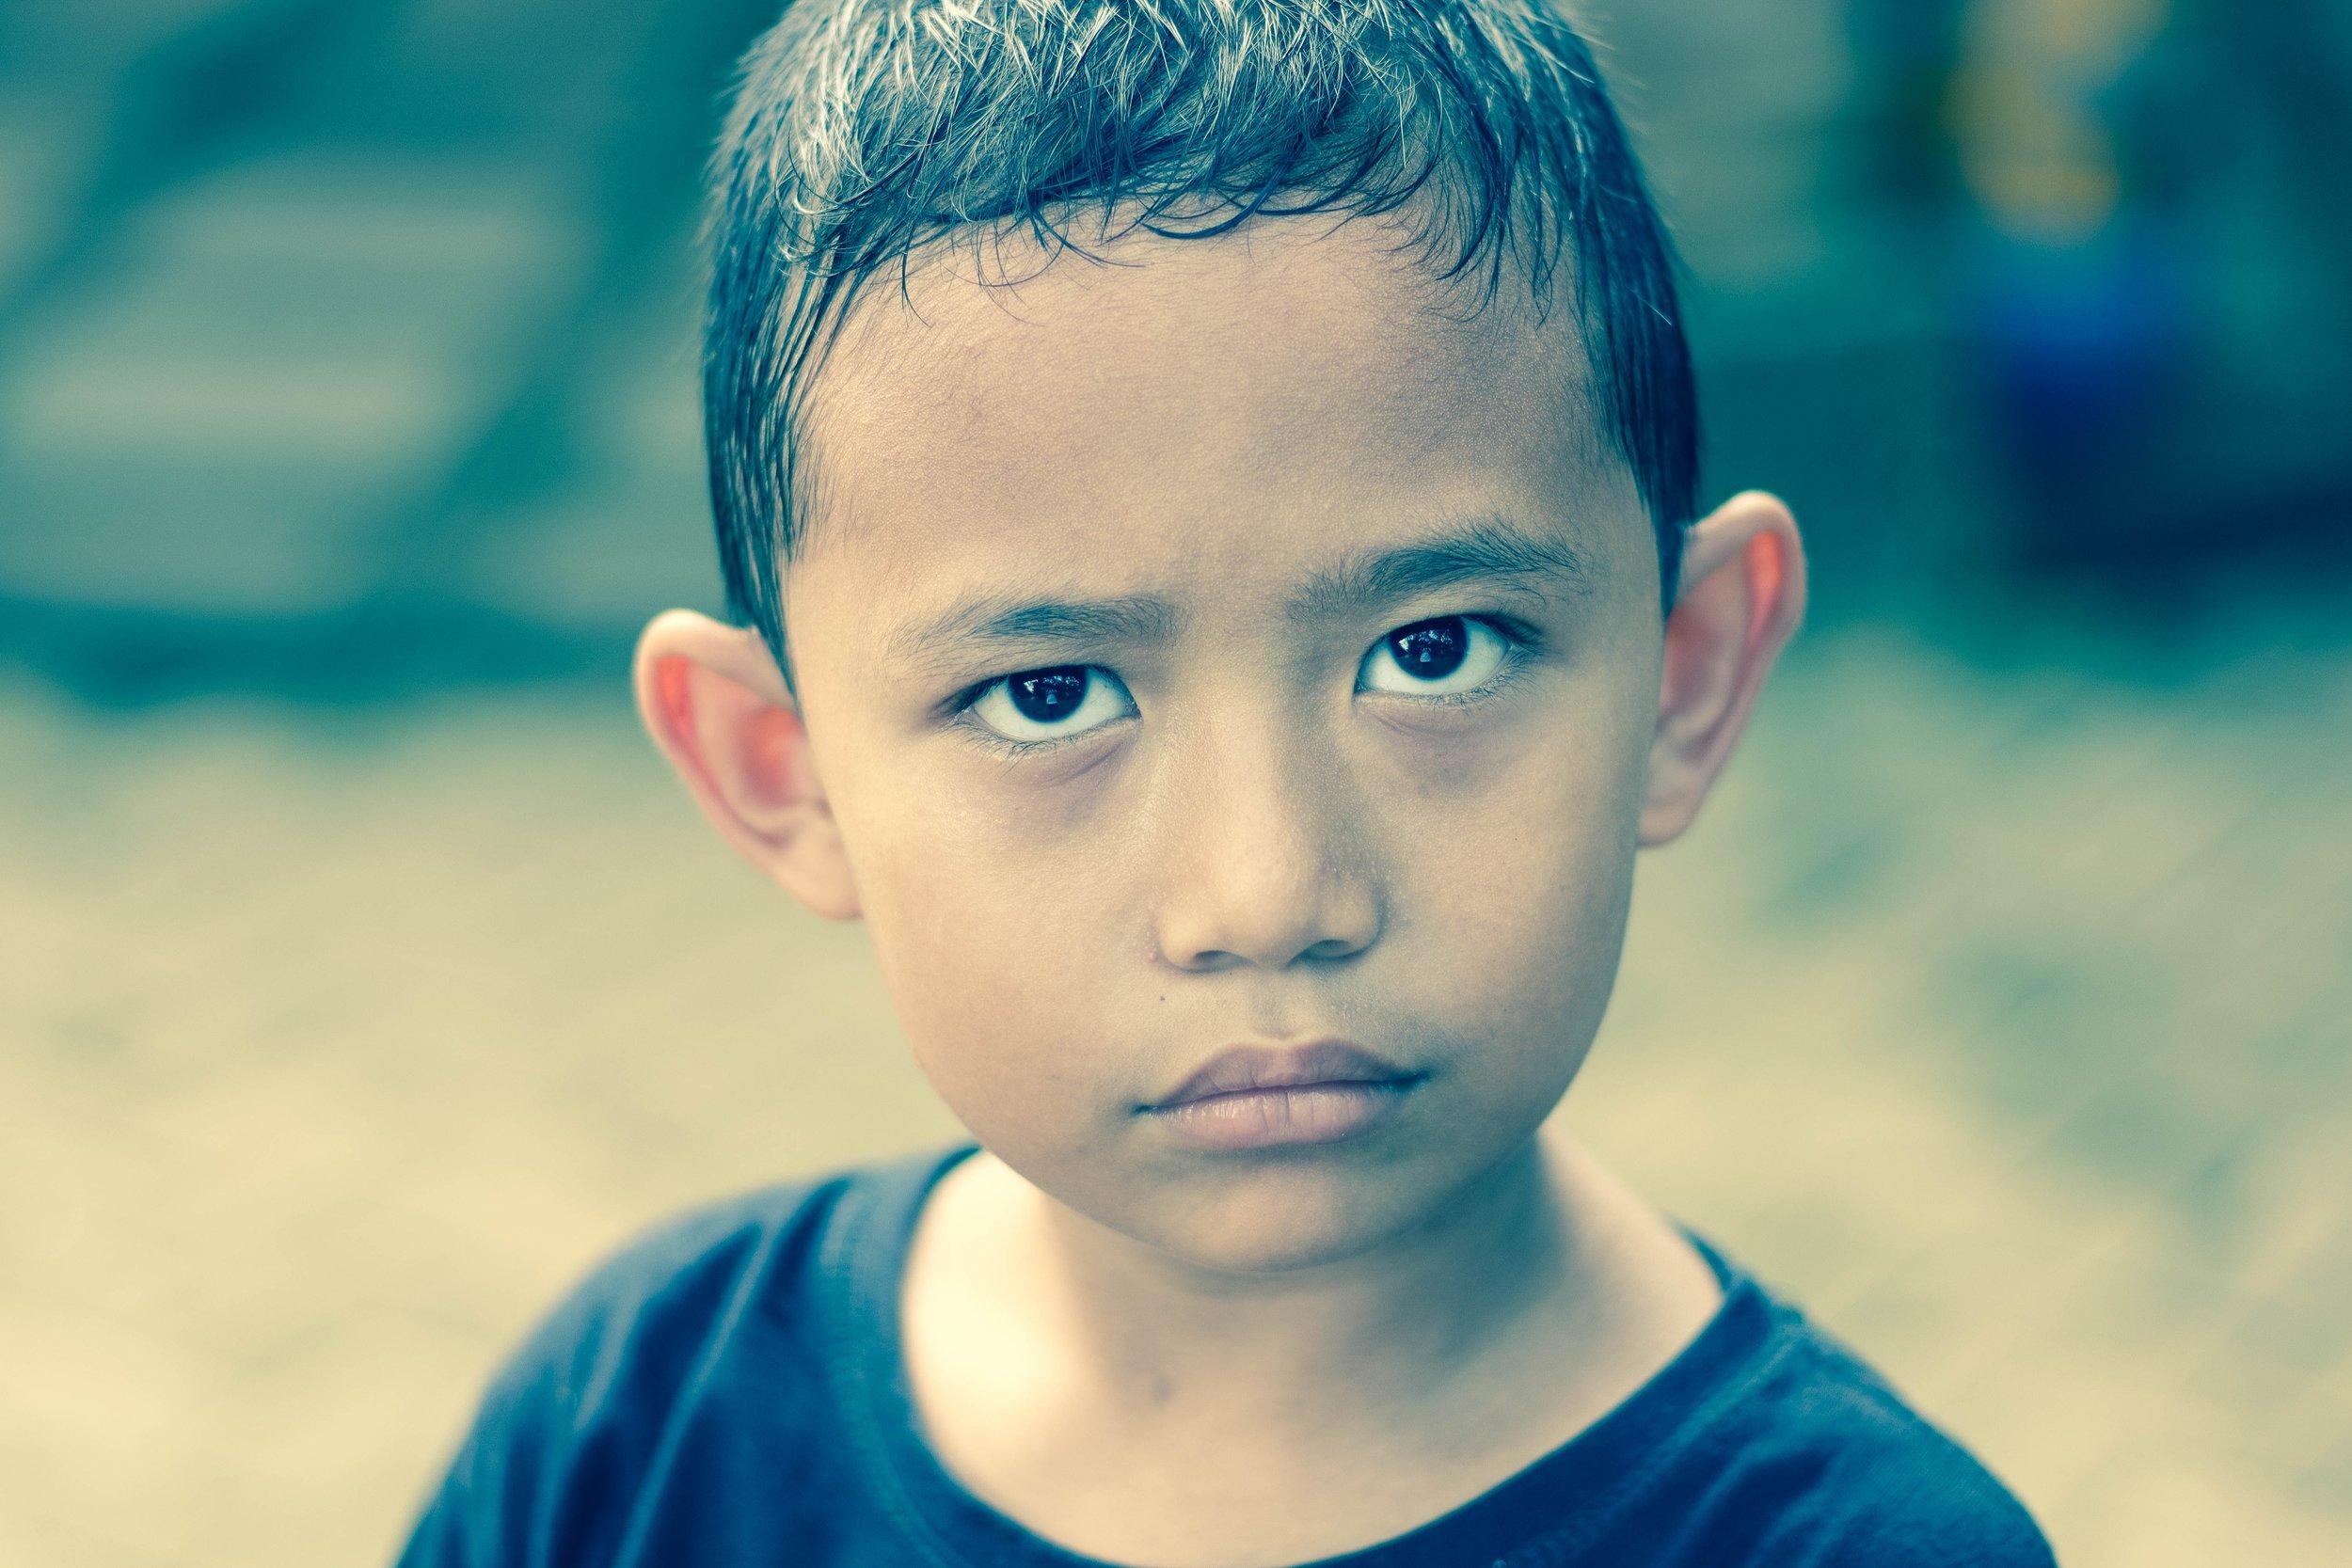 Niño de 8 años, Argentina